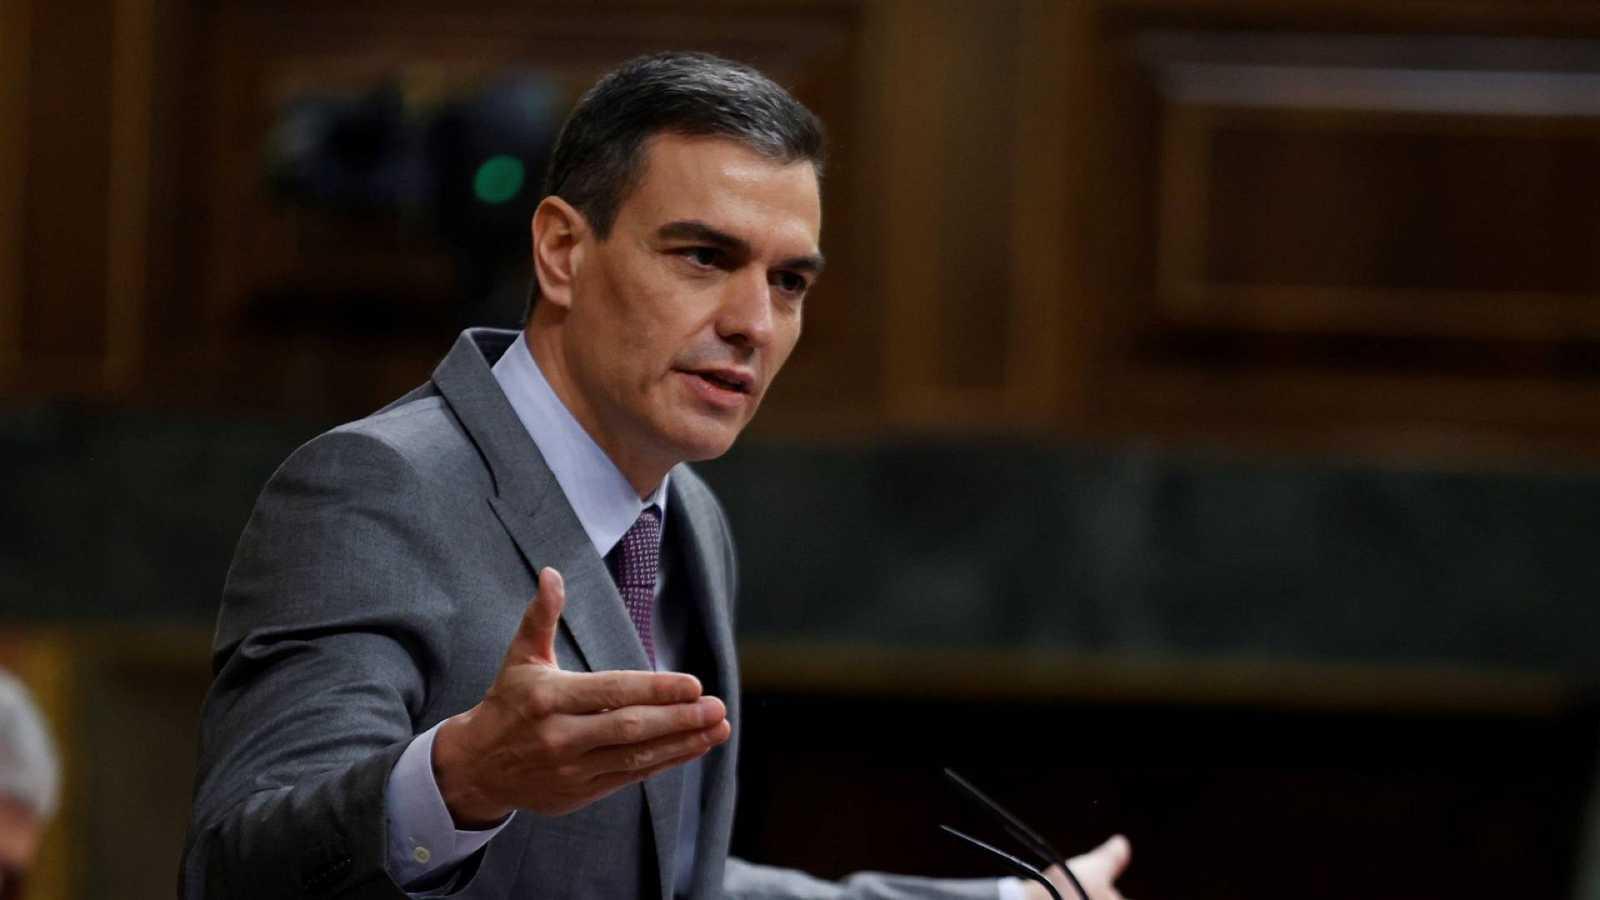 El presidente del Gobierno, Pedro Sánchez, durante su intervención este miércoles en el Congreso